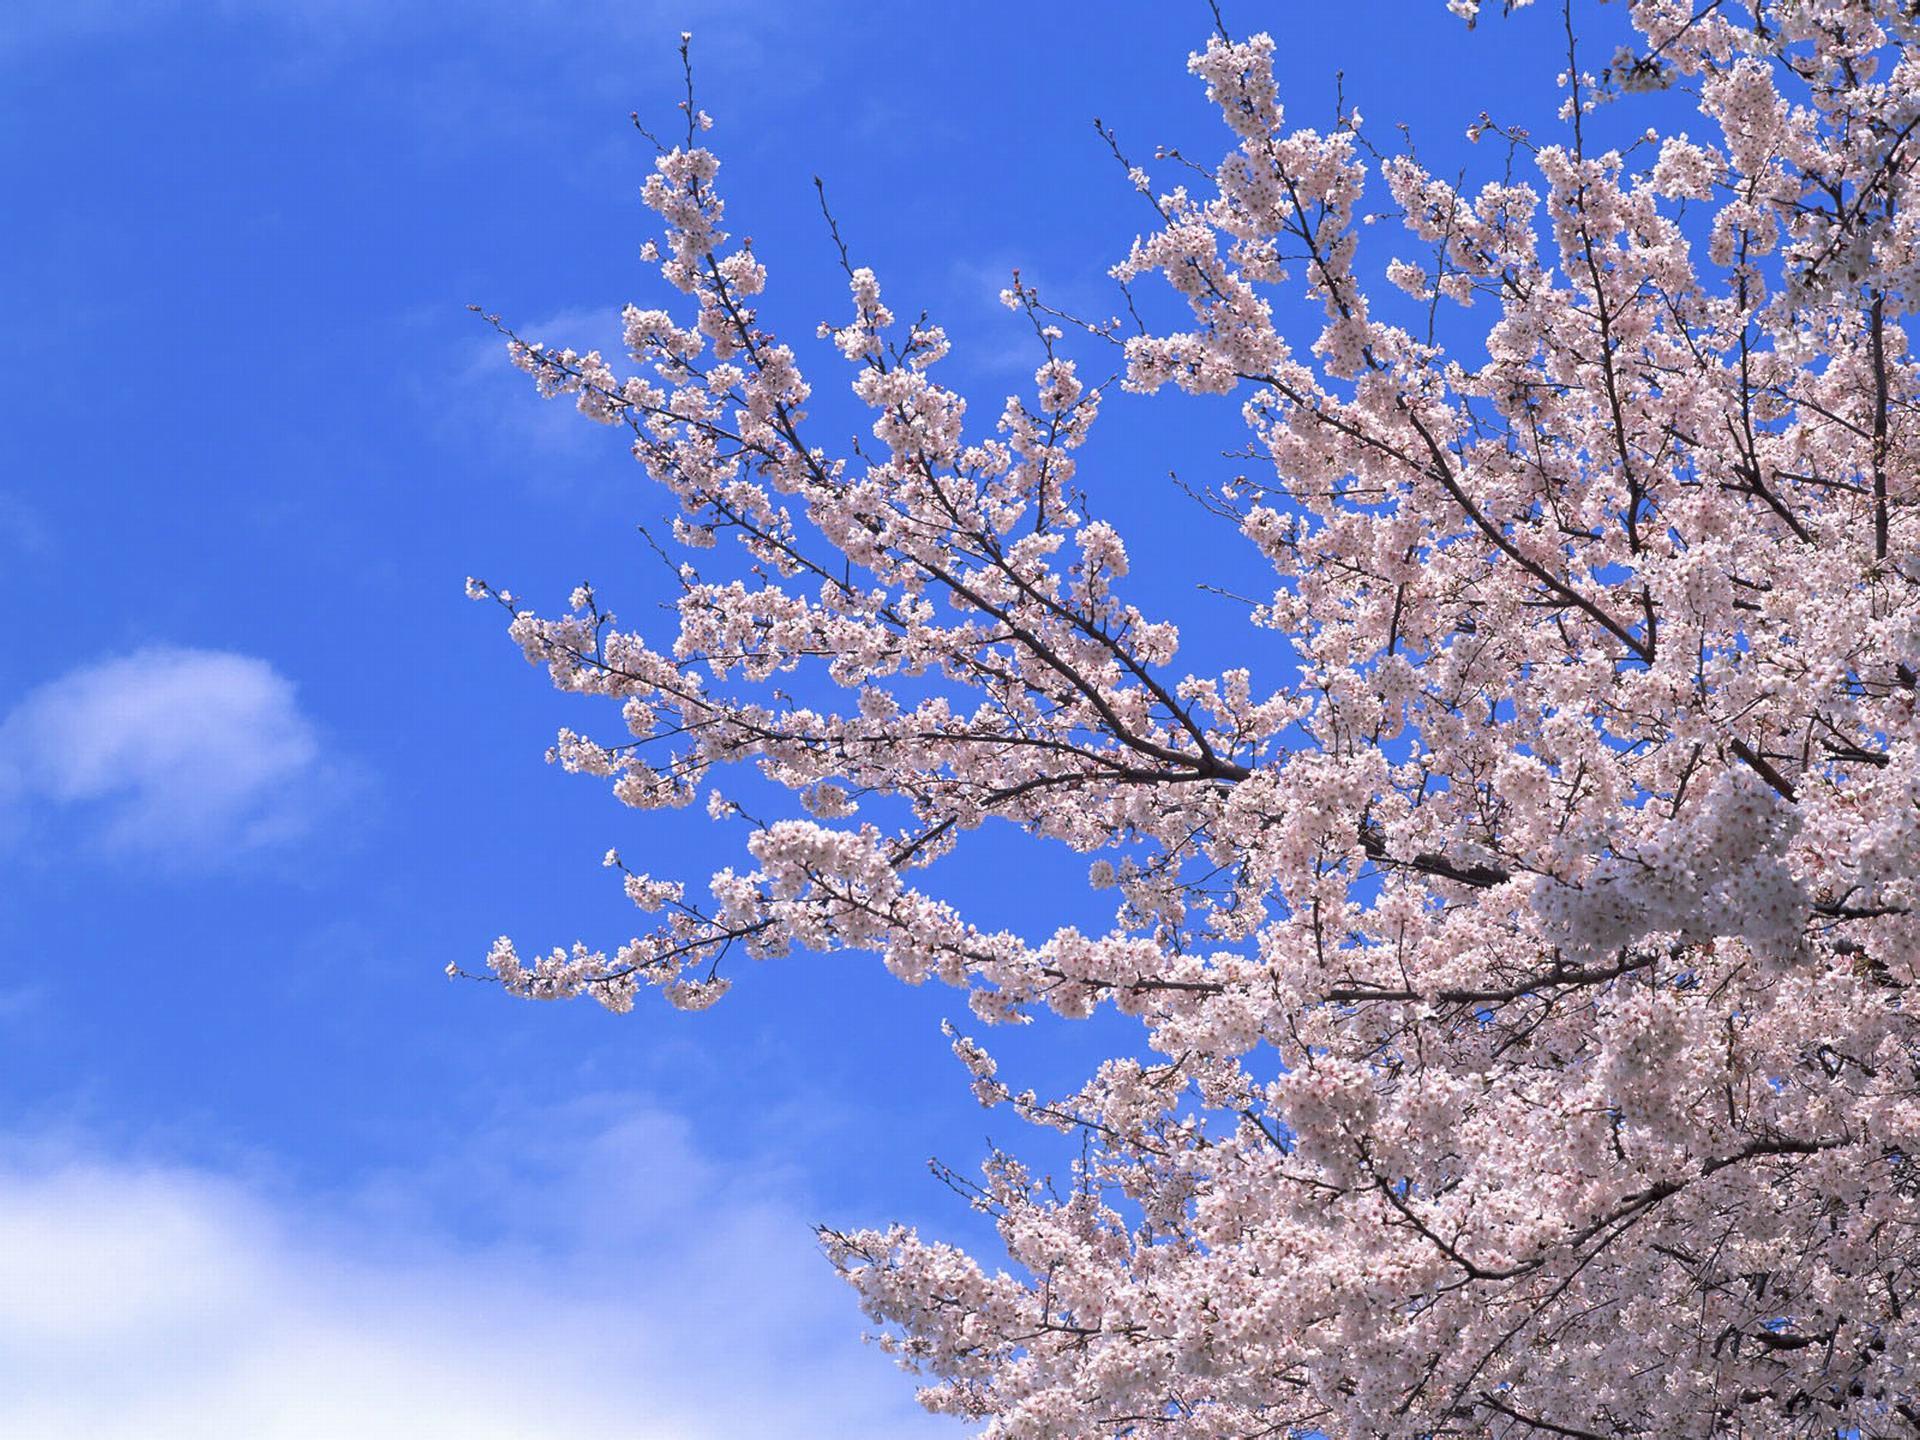 ảnh hoa đào đẹp nhất